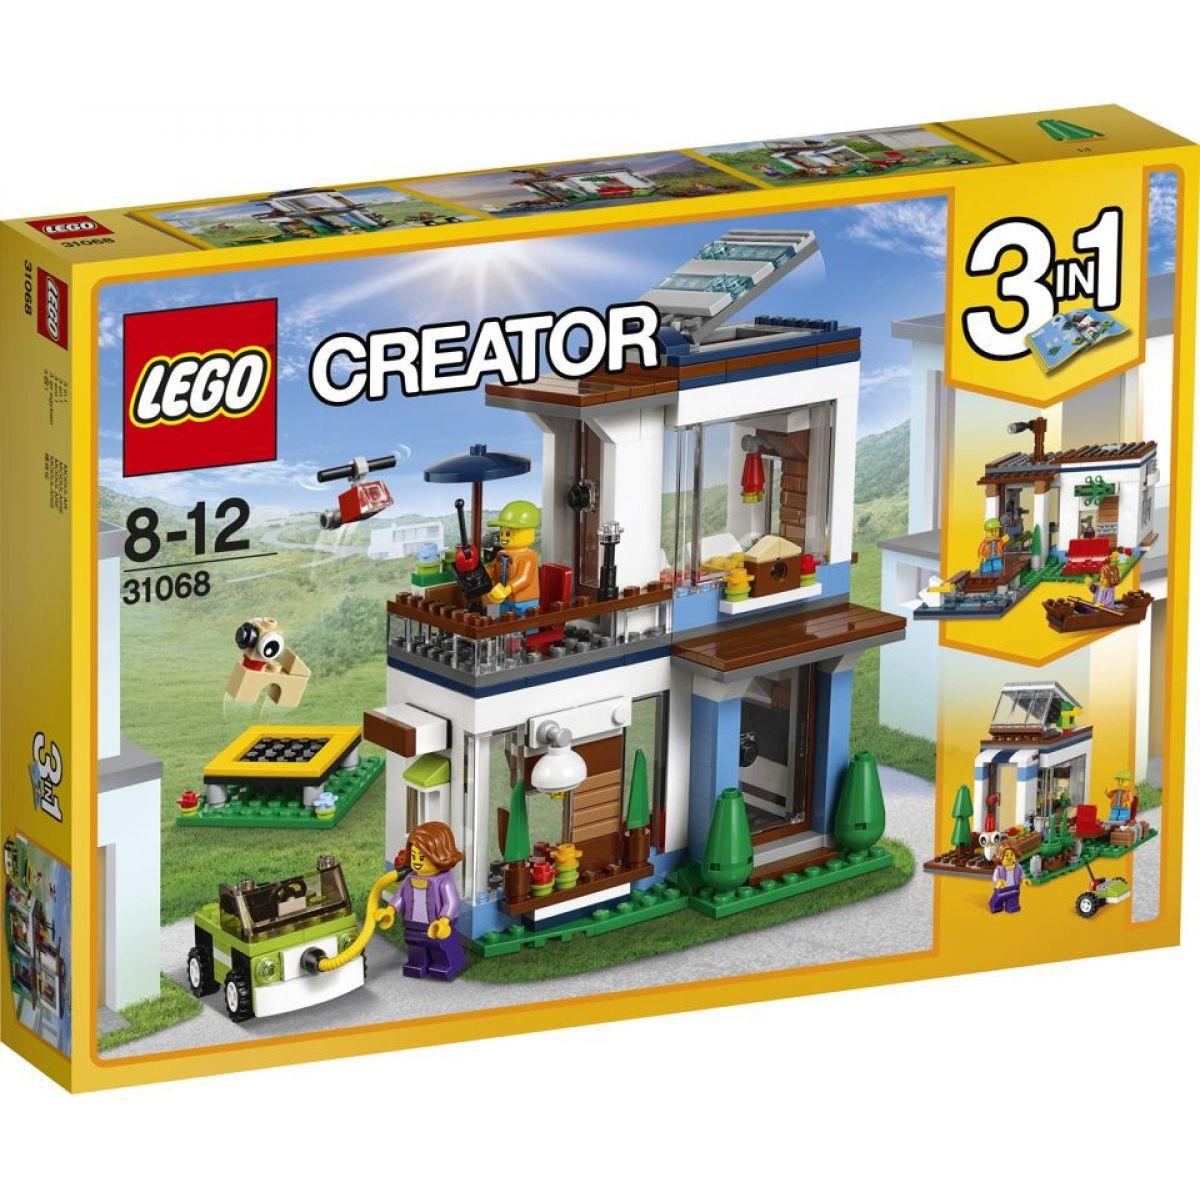 LEGO Creator 31068 Modulárne moderné bývanie - Poškodený obal